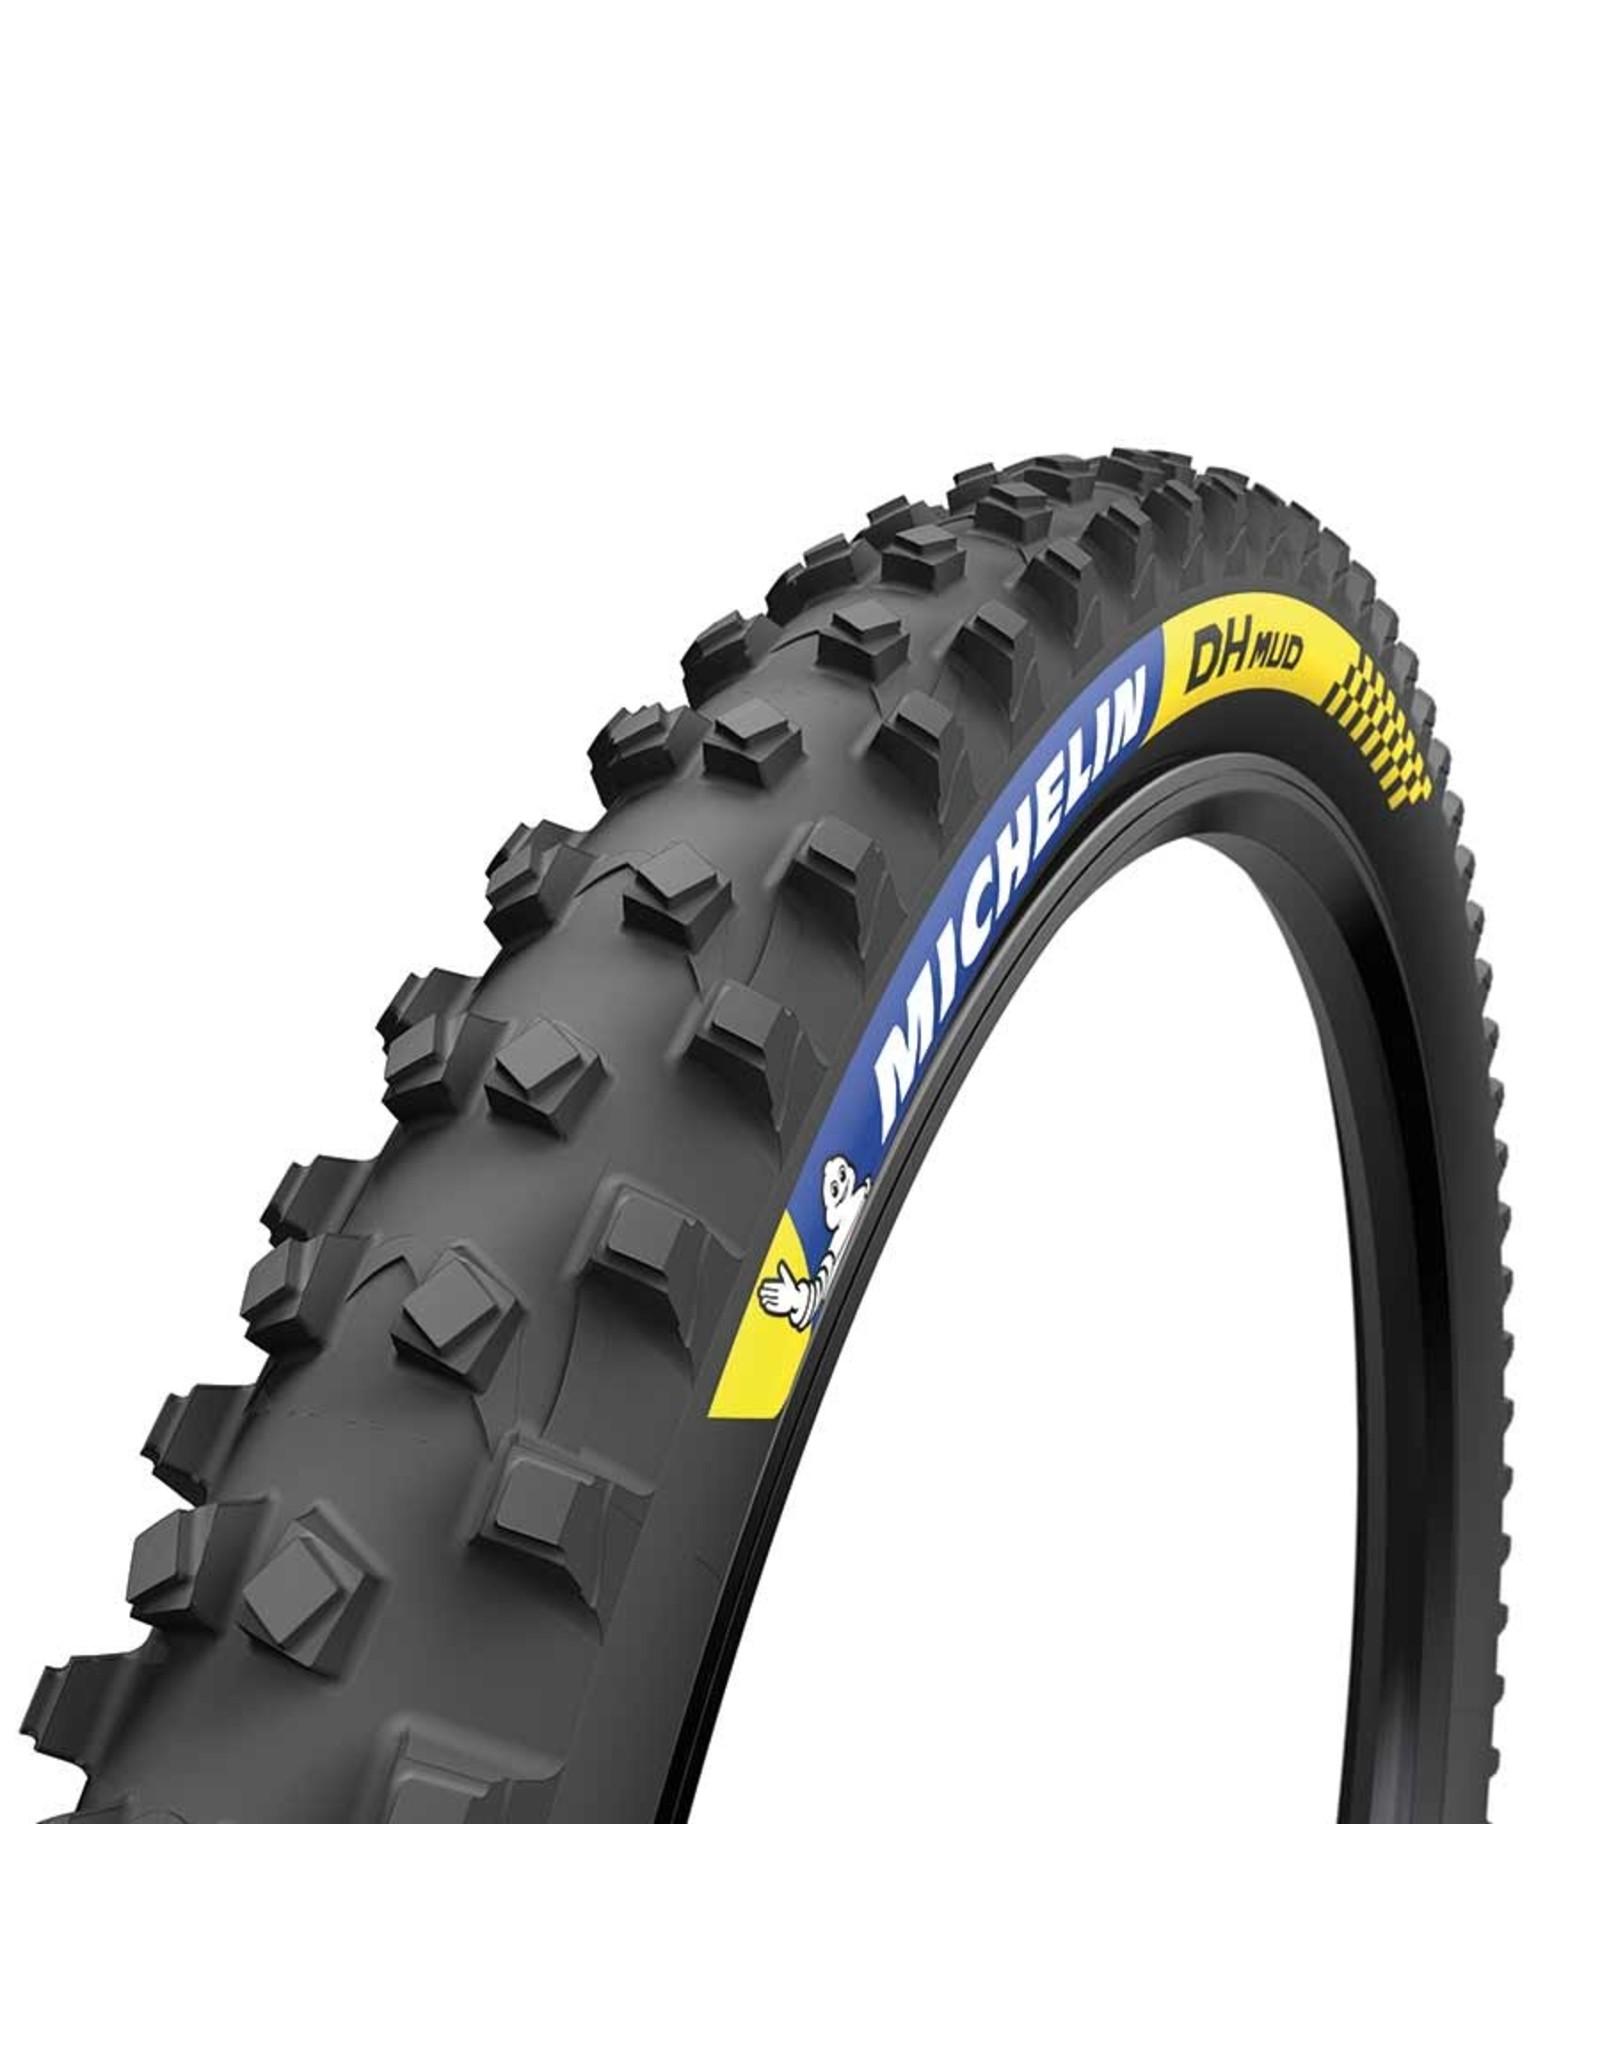 Michelin Michelin, DH Mud, Tire, 29''x2.40, Wire, Tubeless Ready, MAGI-X, Downhill Shield, 2x55TPI, Black